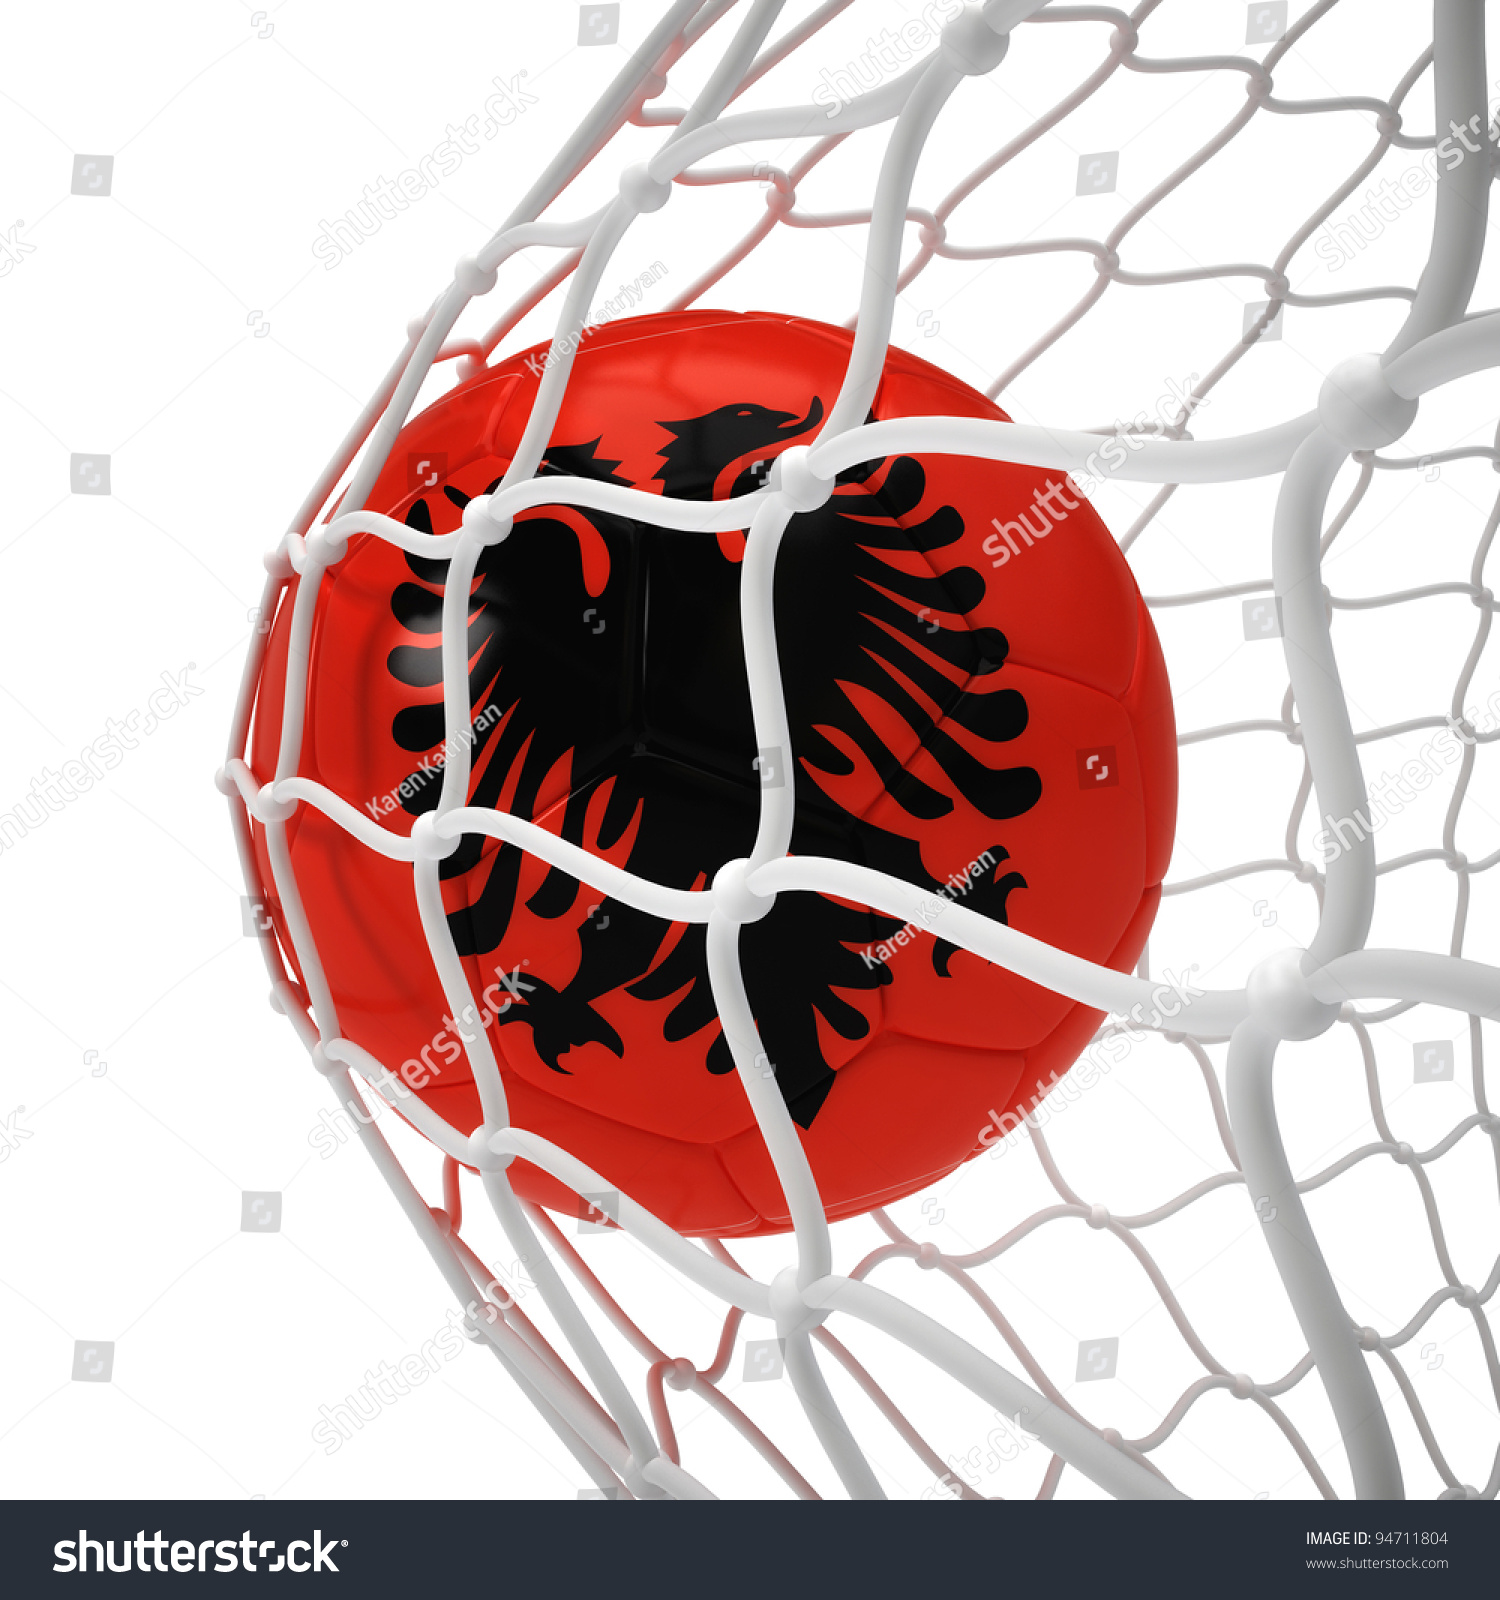 Famous Albanian Landmarks Stock Photo Albanian Soccer Ball Inside The Net